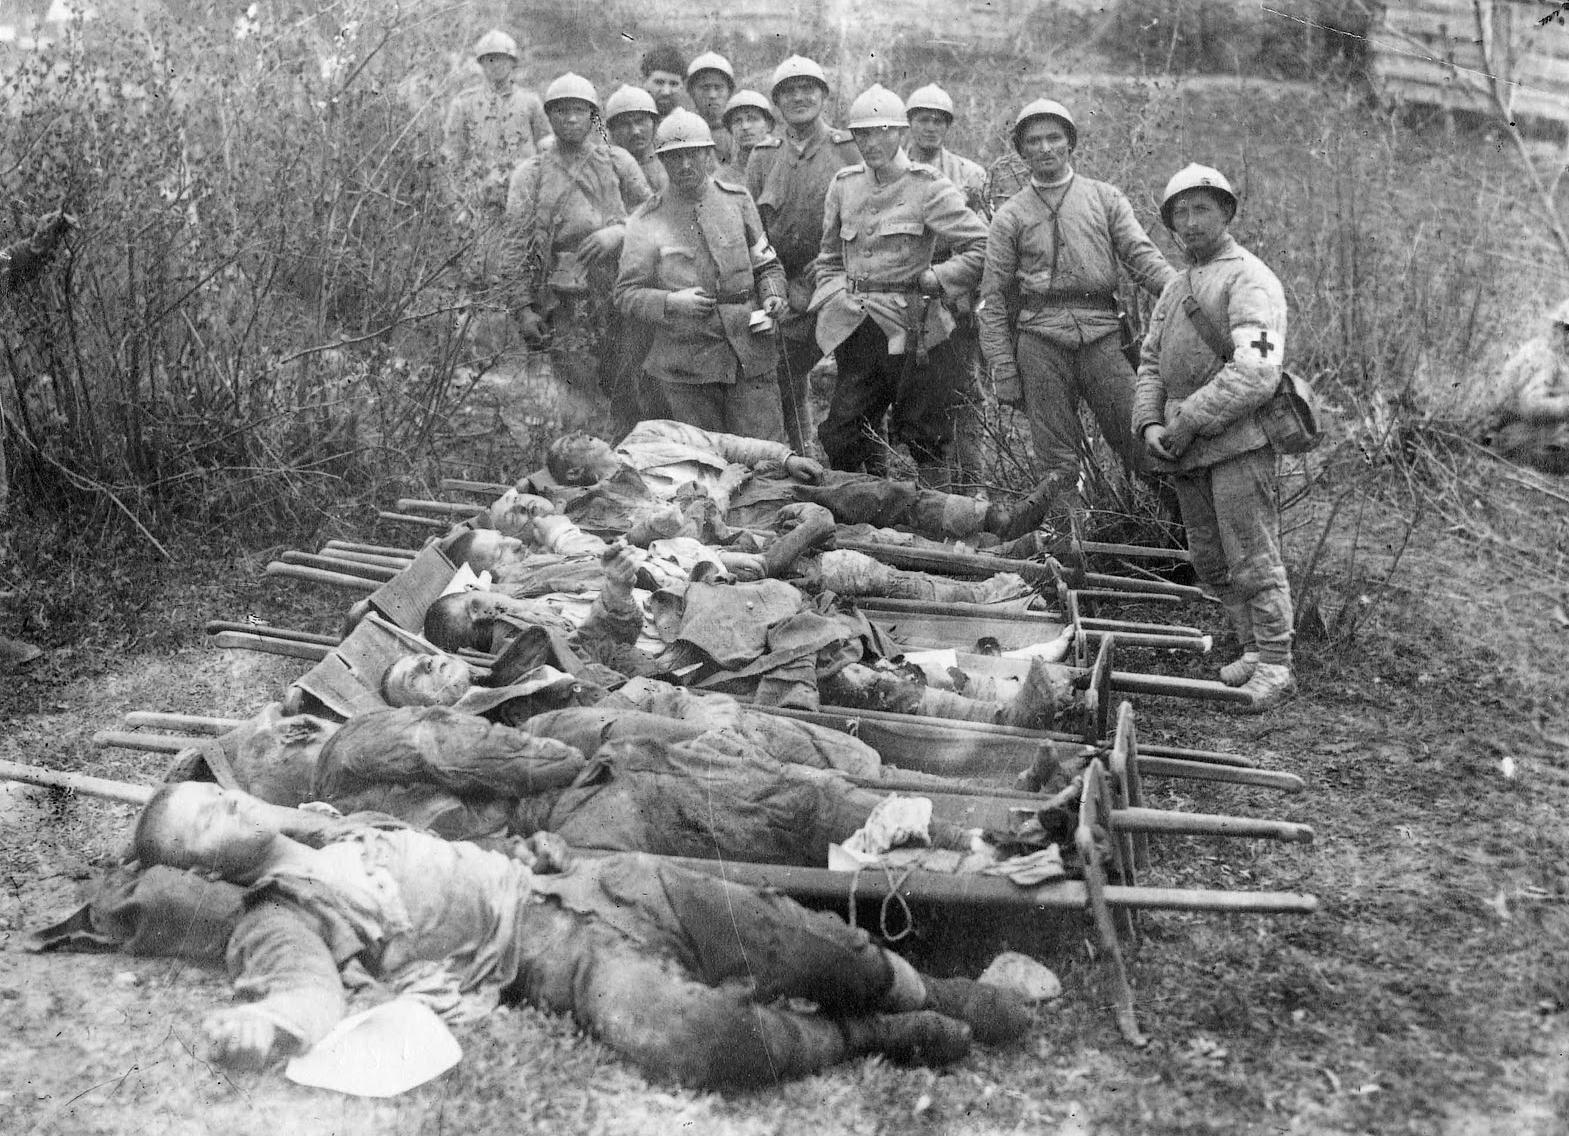 dead-romanian-sodiers-of-regiment-11-siret-world-war-one-ww1.jpg